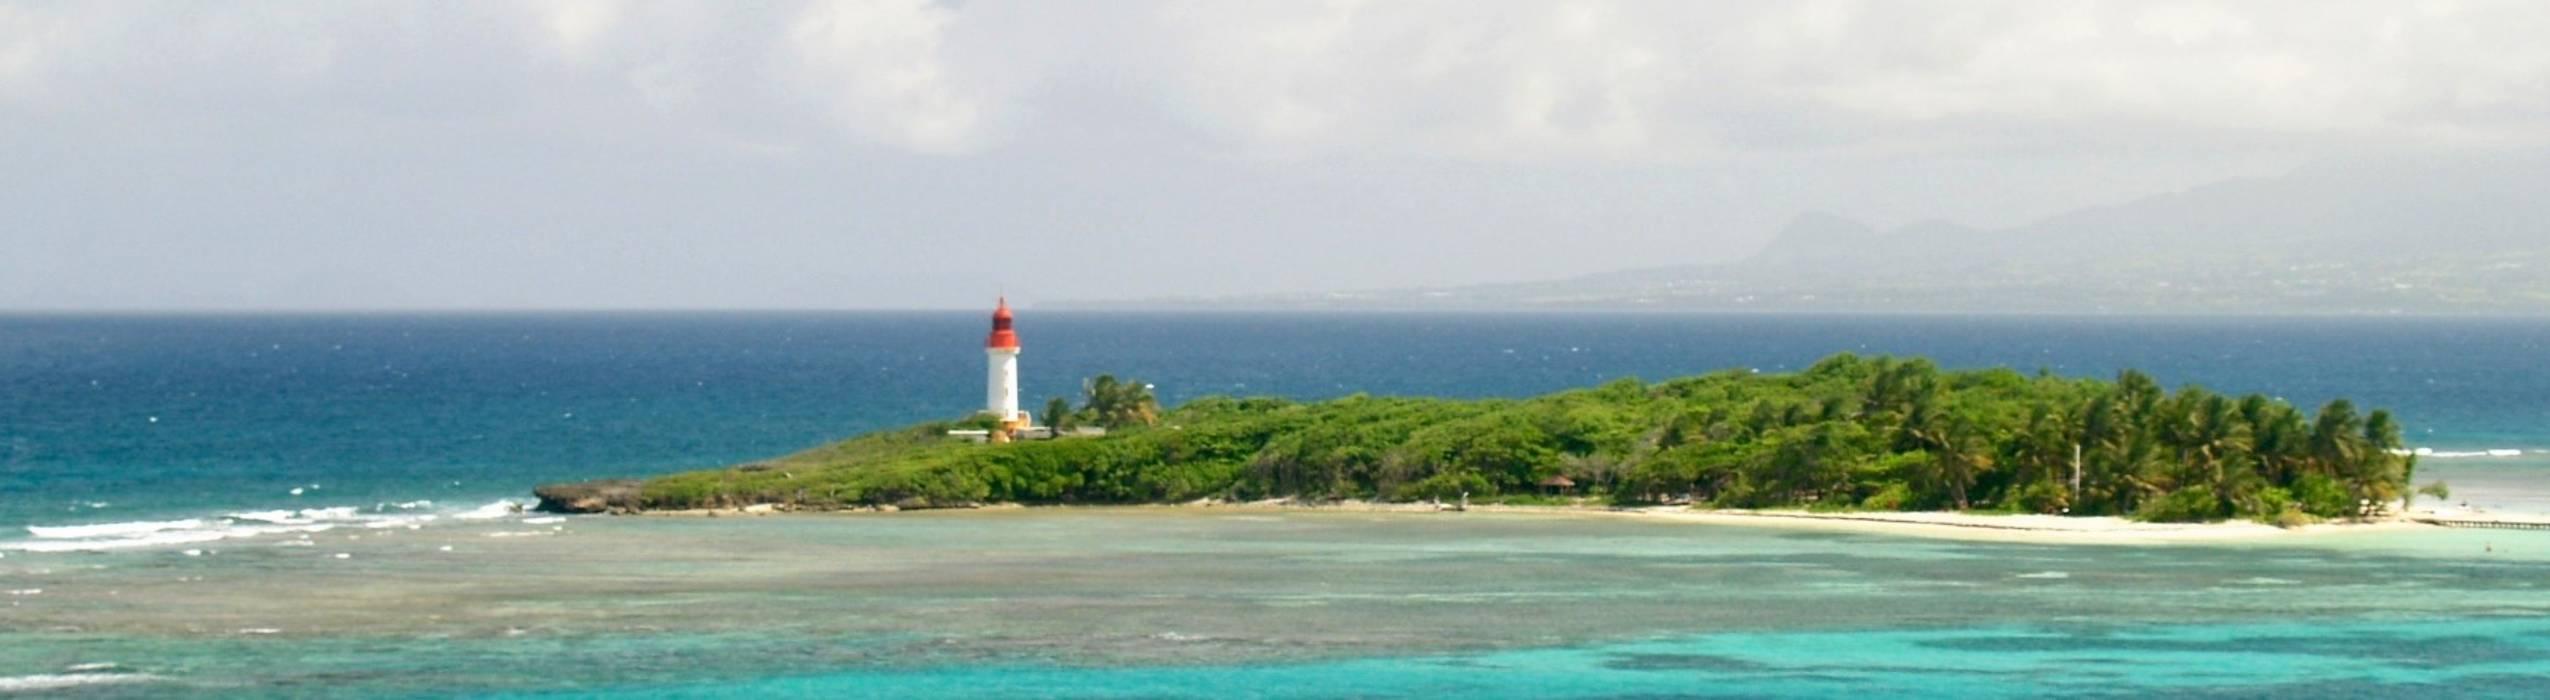 Yachtcharter Leeward Islands